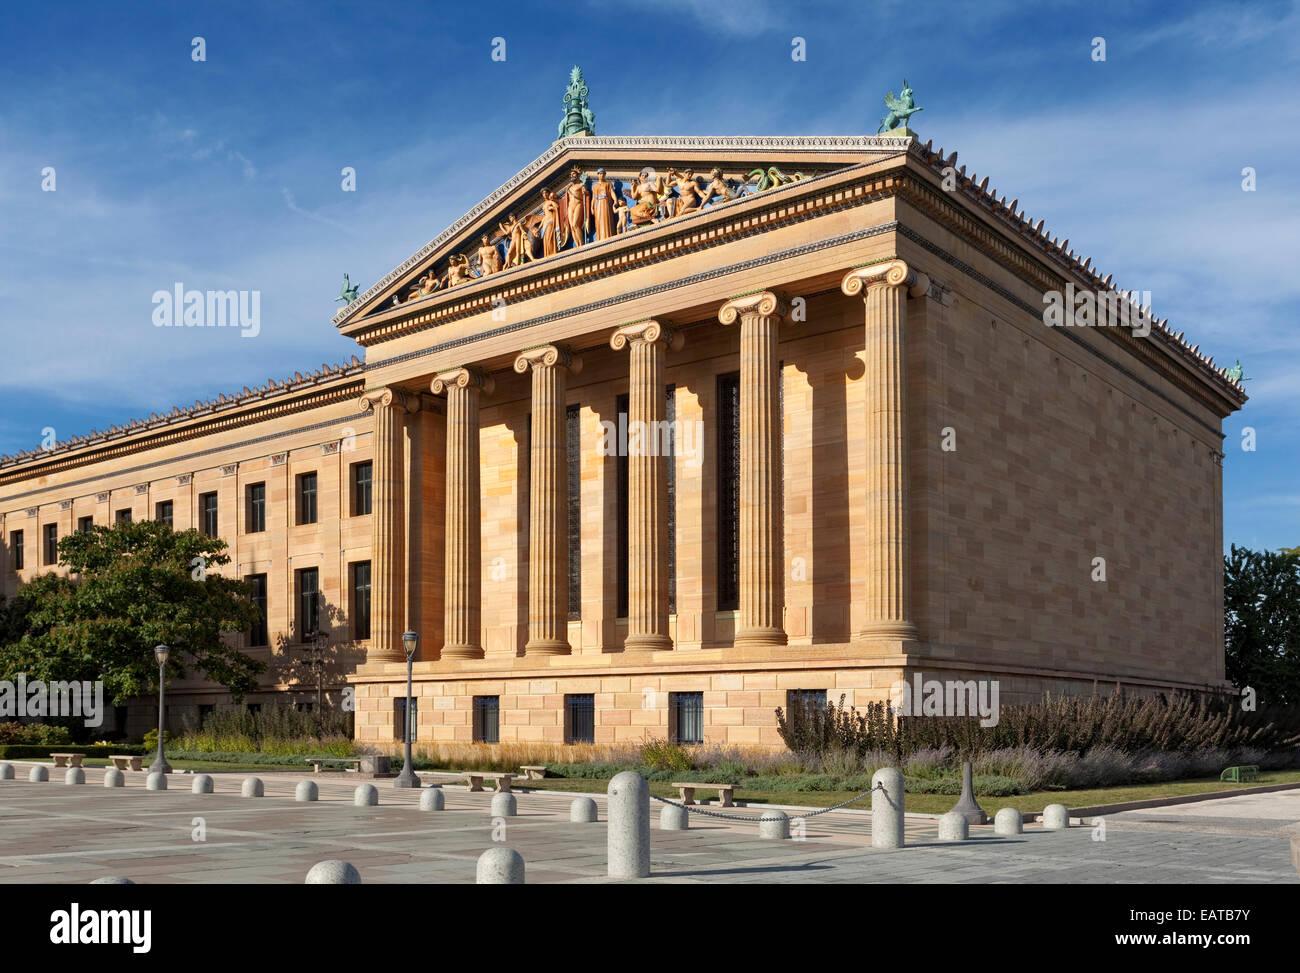 L'architecture grecque classique... Le Philadelphia Museum of Art est parmi les plus grands musées d'art Photo Stock